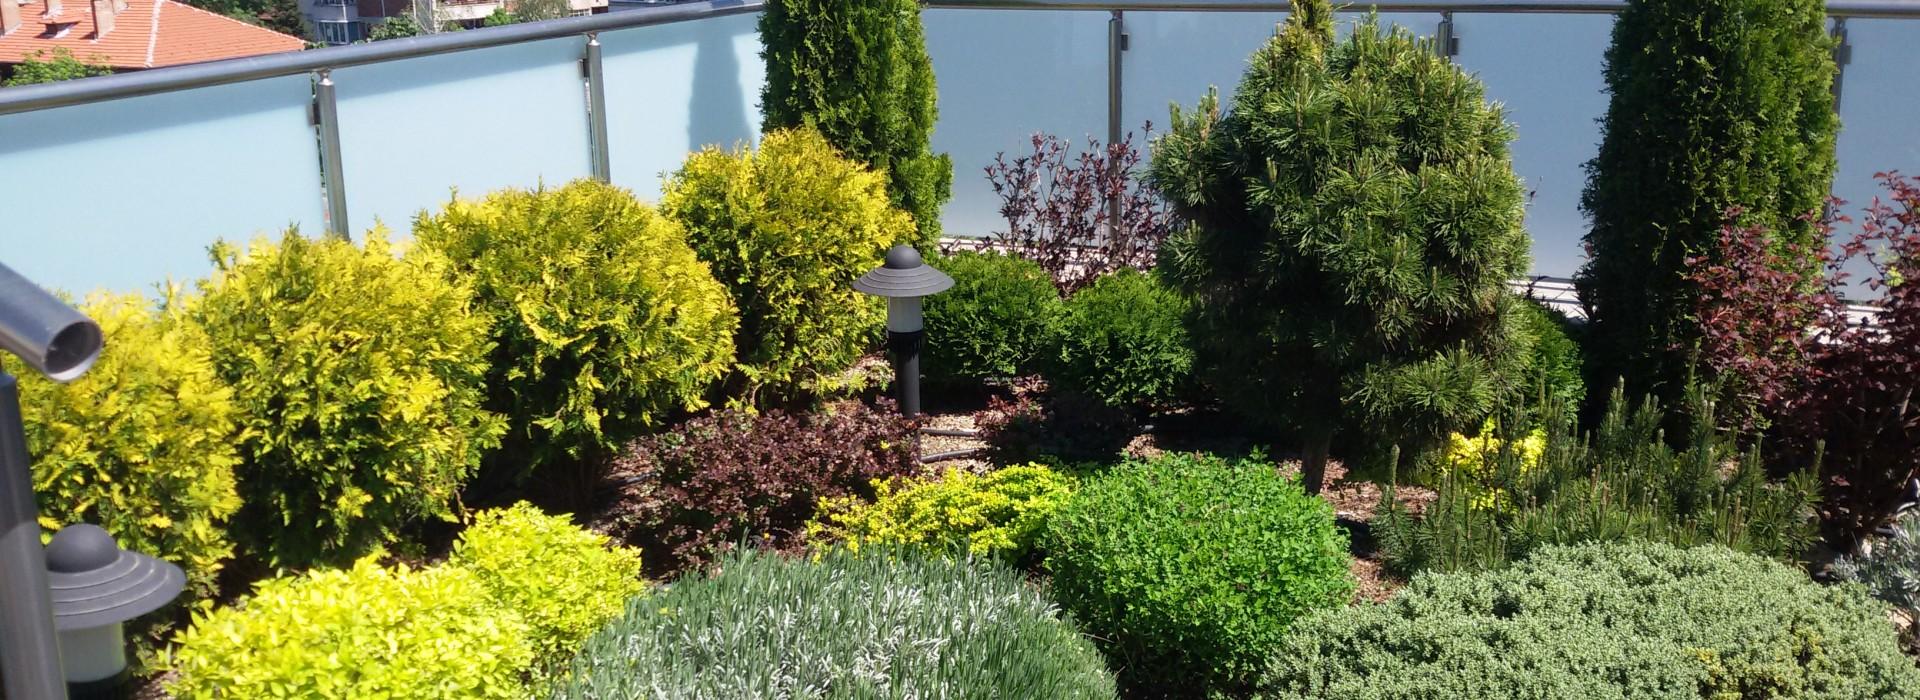 Как да превърнем покрива в градина?